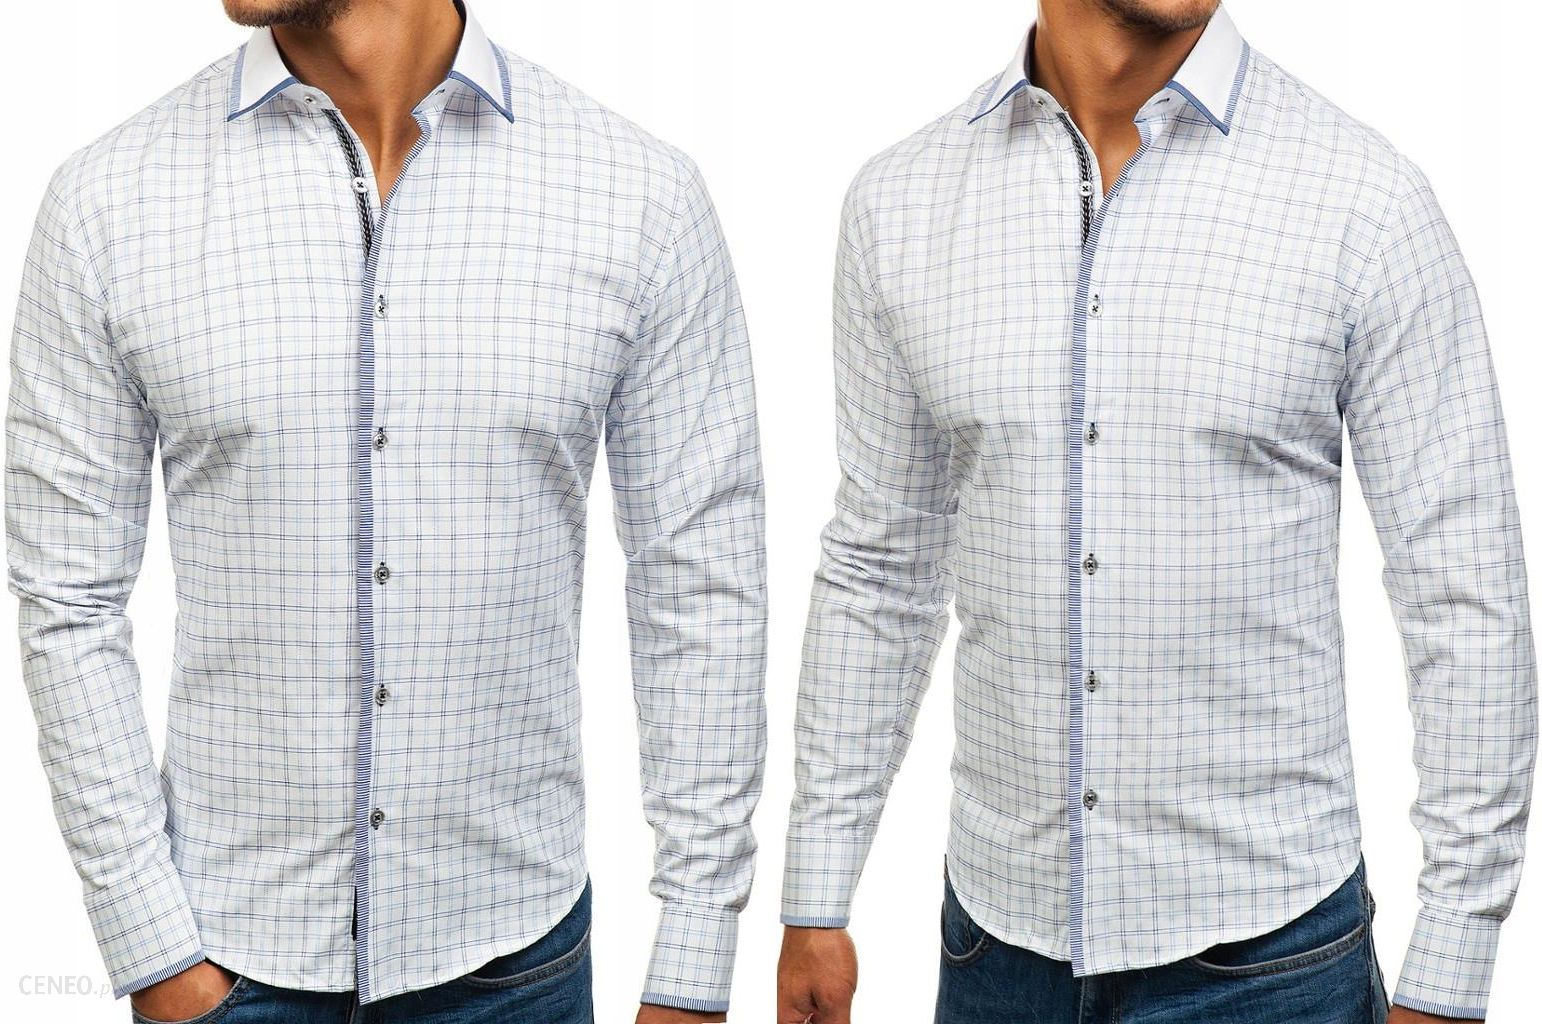 Koszula Męska Biało niebieska 8812 ROZMIAR_2XL Ceny i  gj4Yu